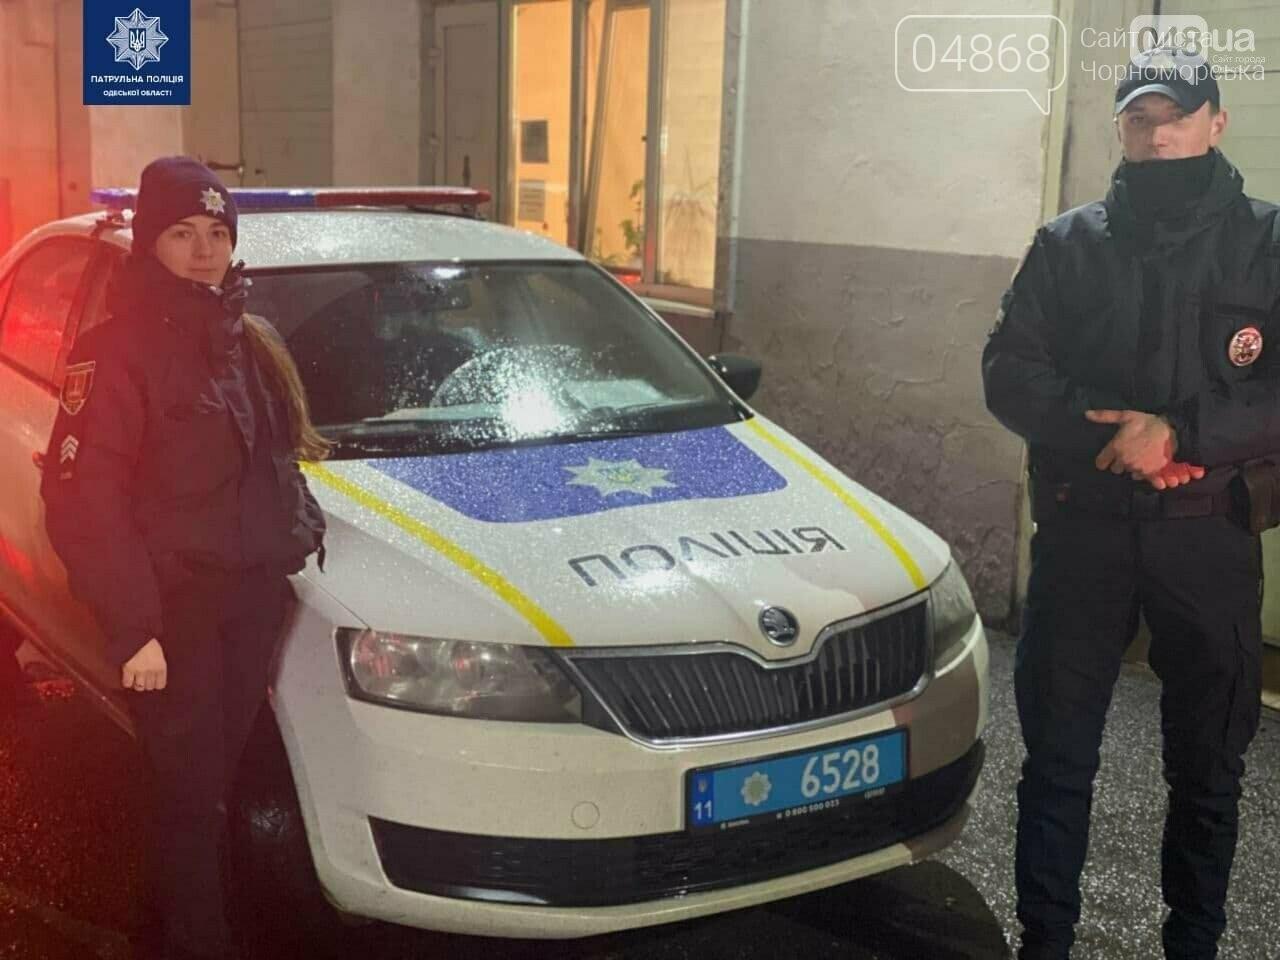 Герои среди нас: одесские патрульные сопроводили автомобиль с больным ребенком в больницу, фото-1